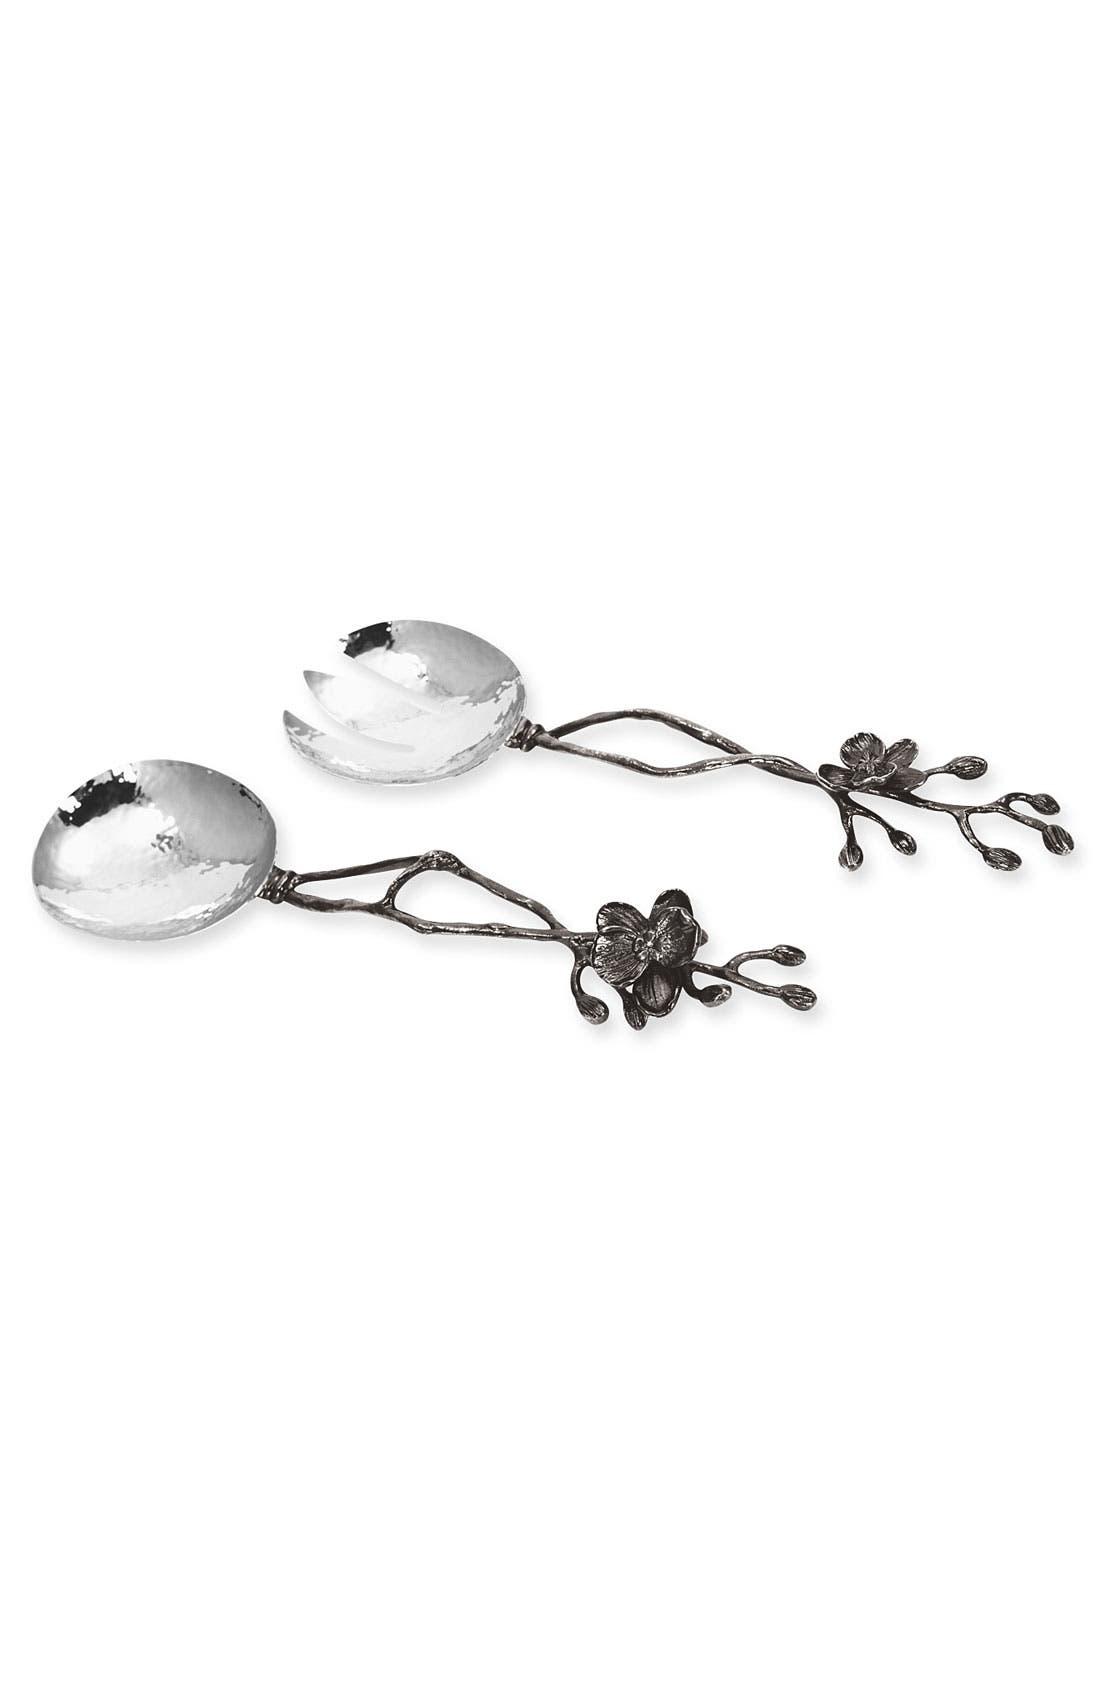 Main Image - Michael Aram 'Black Orchid' 2-Piece Salad Serving Set